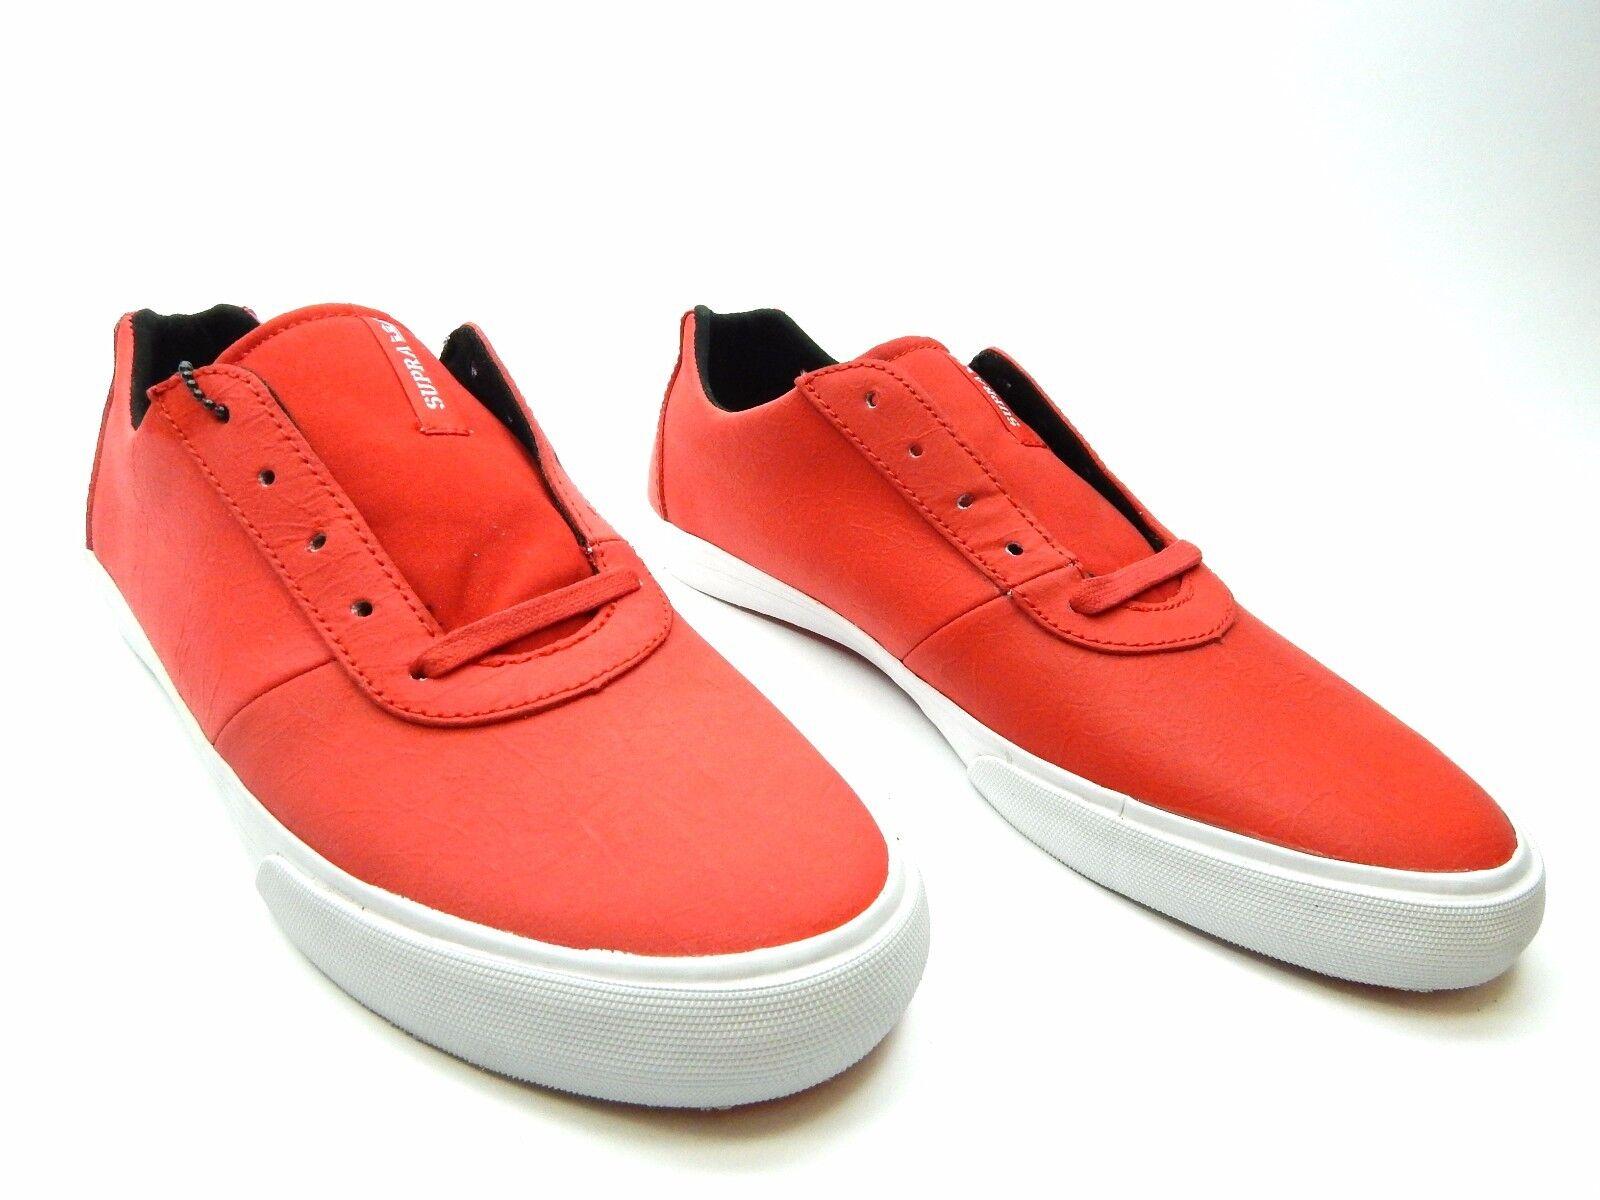 Supra chili cuttler basso chili Supra rosso uomini scarpe taglia 9, 10 & 11 b483f1